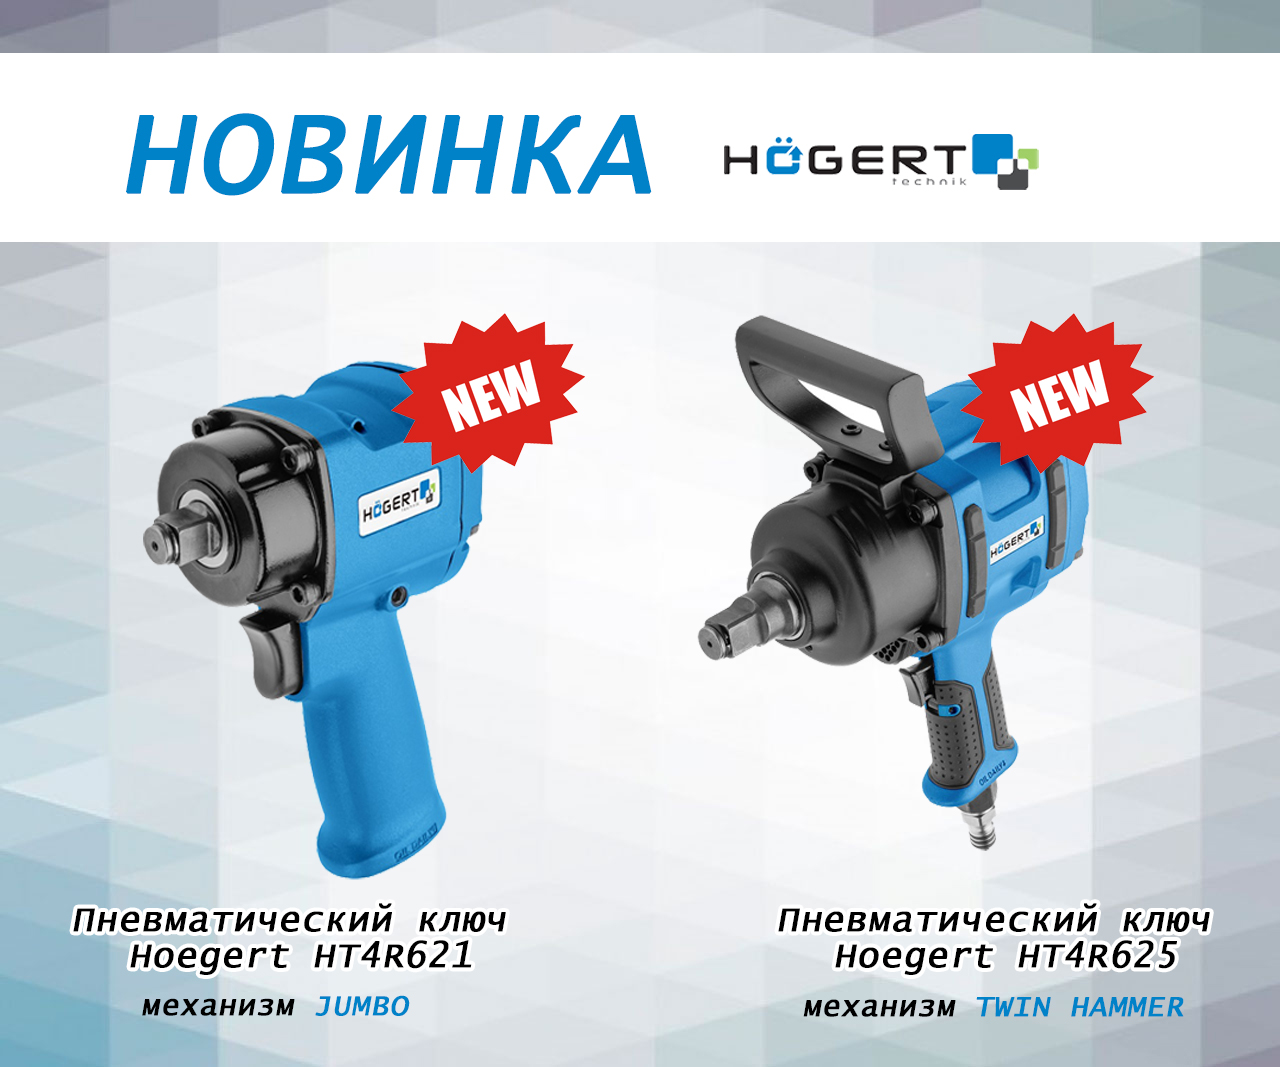 Новинка Hoegert